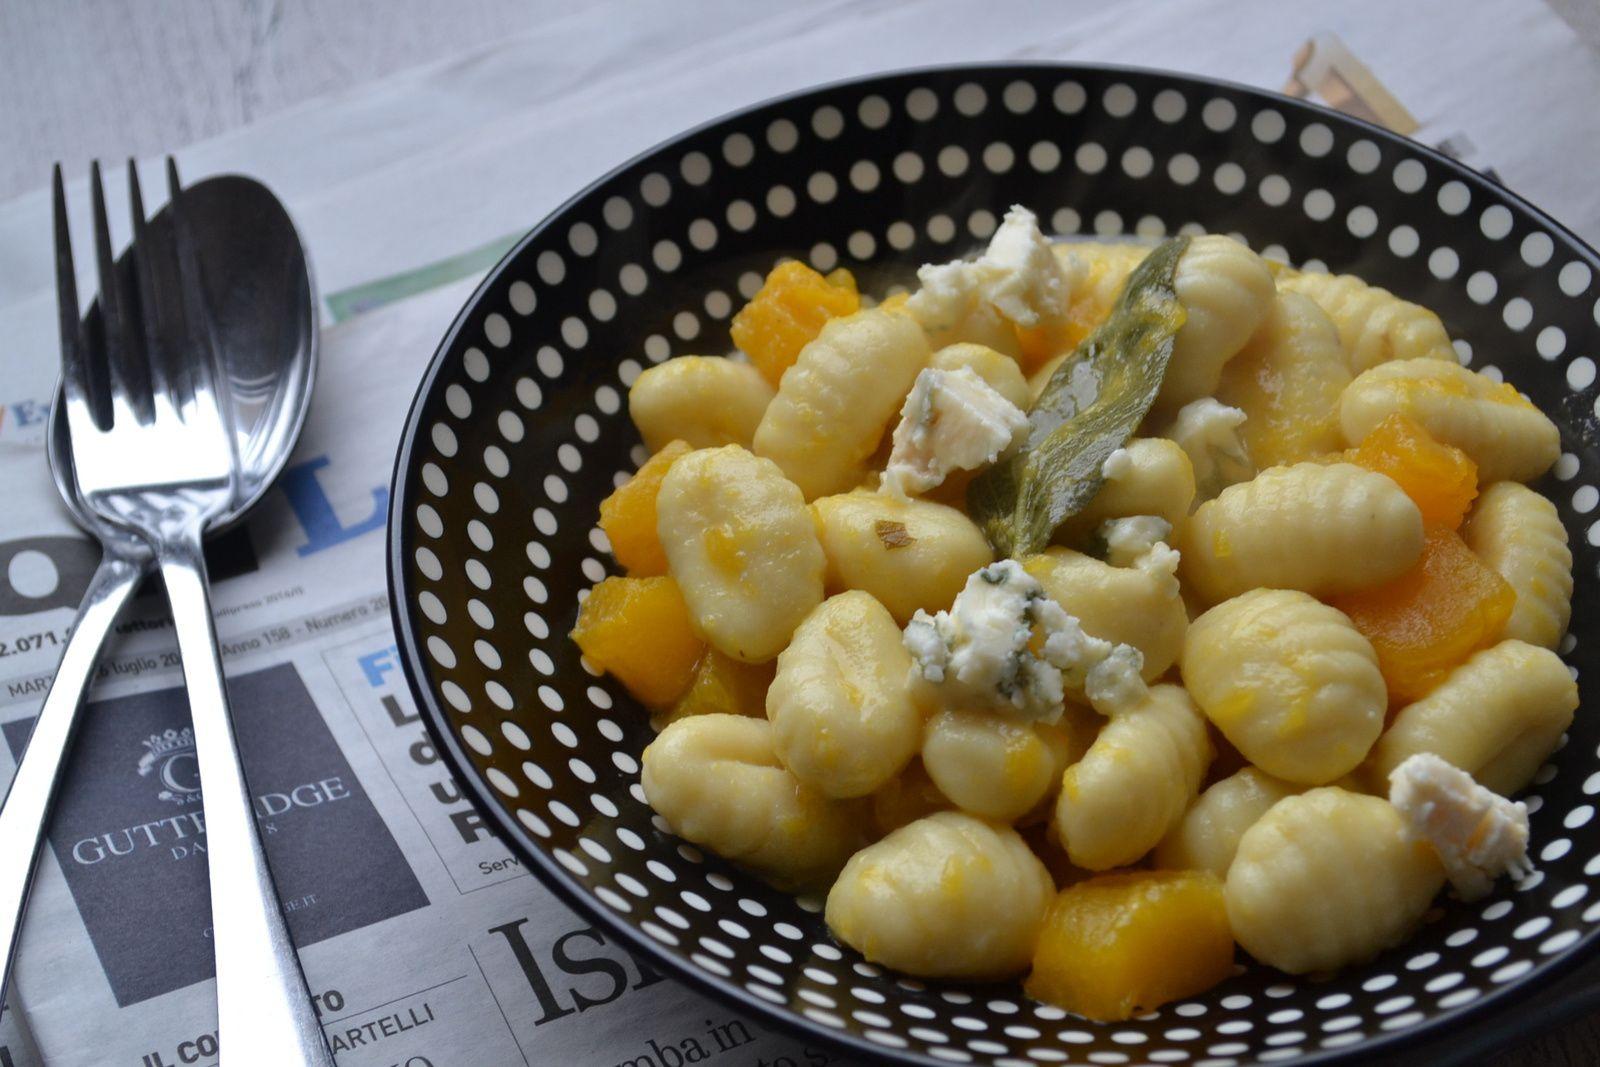 Gnocchi au potiron et Roquefort